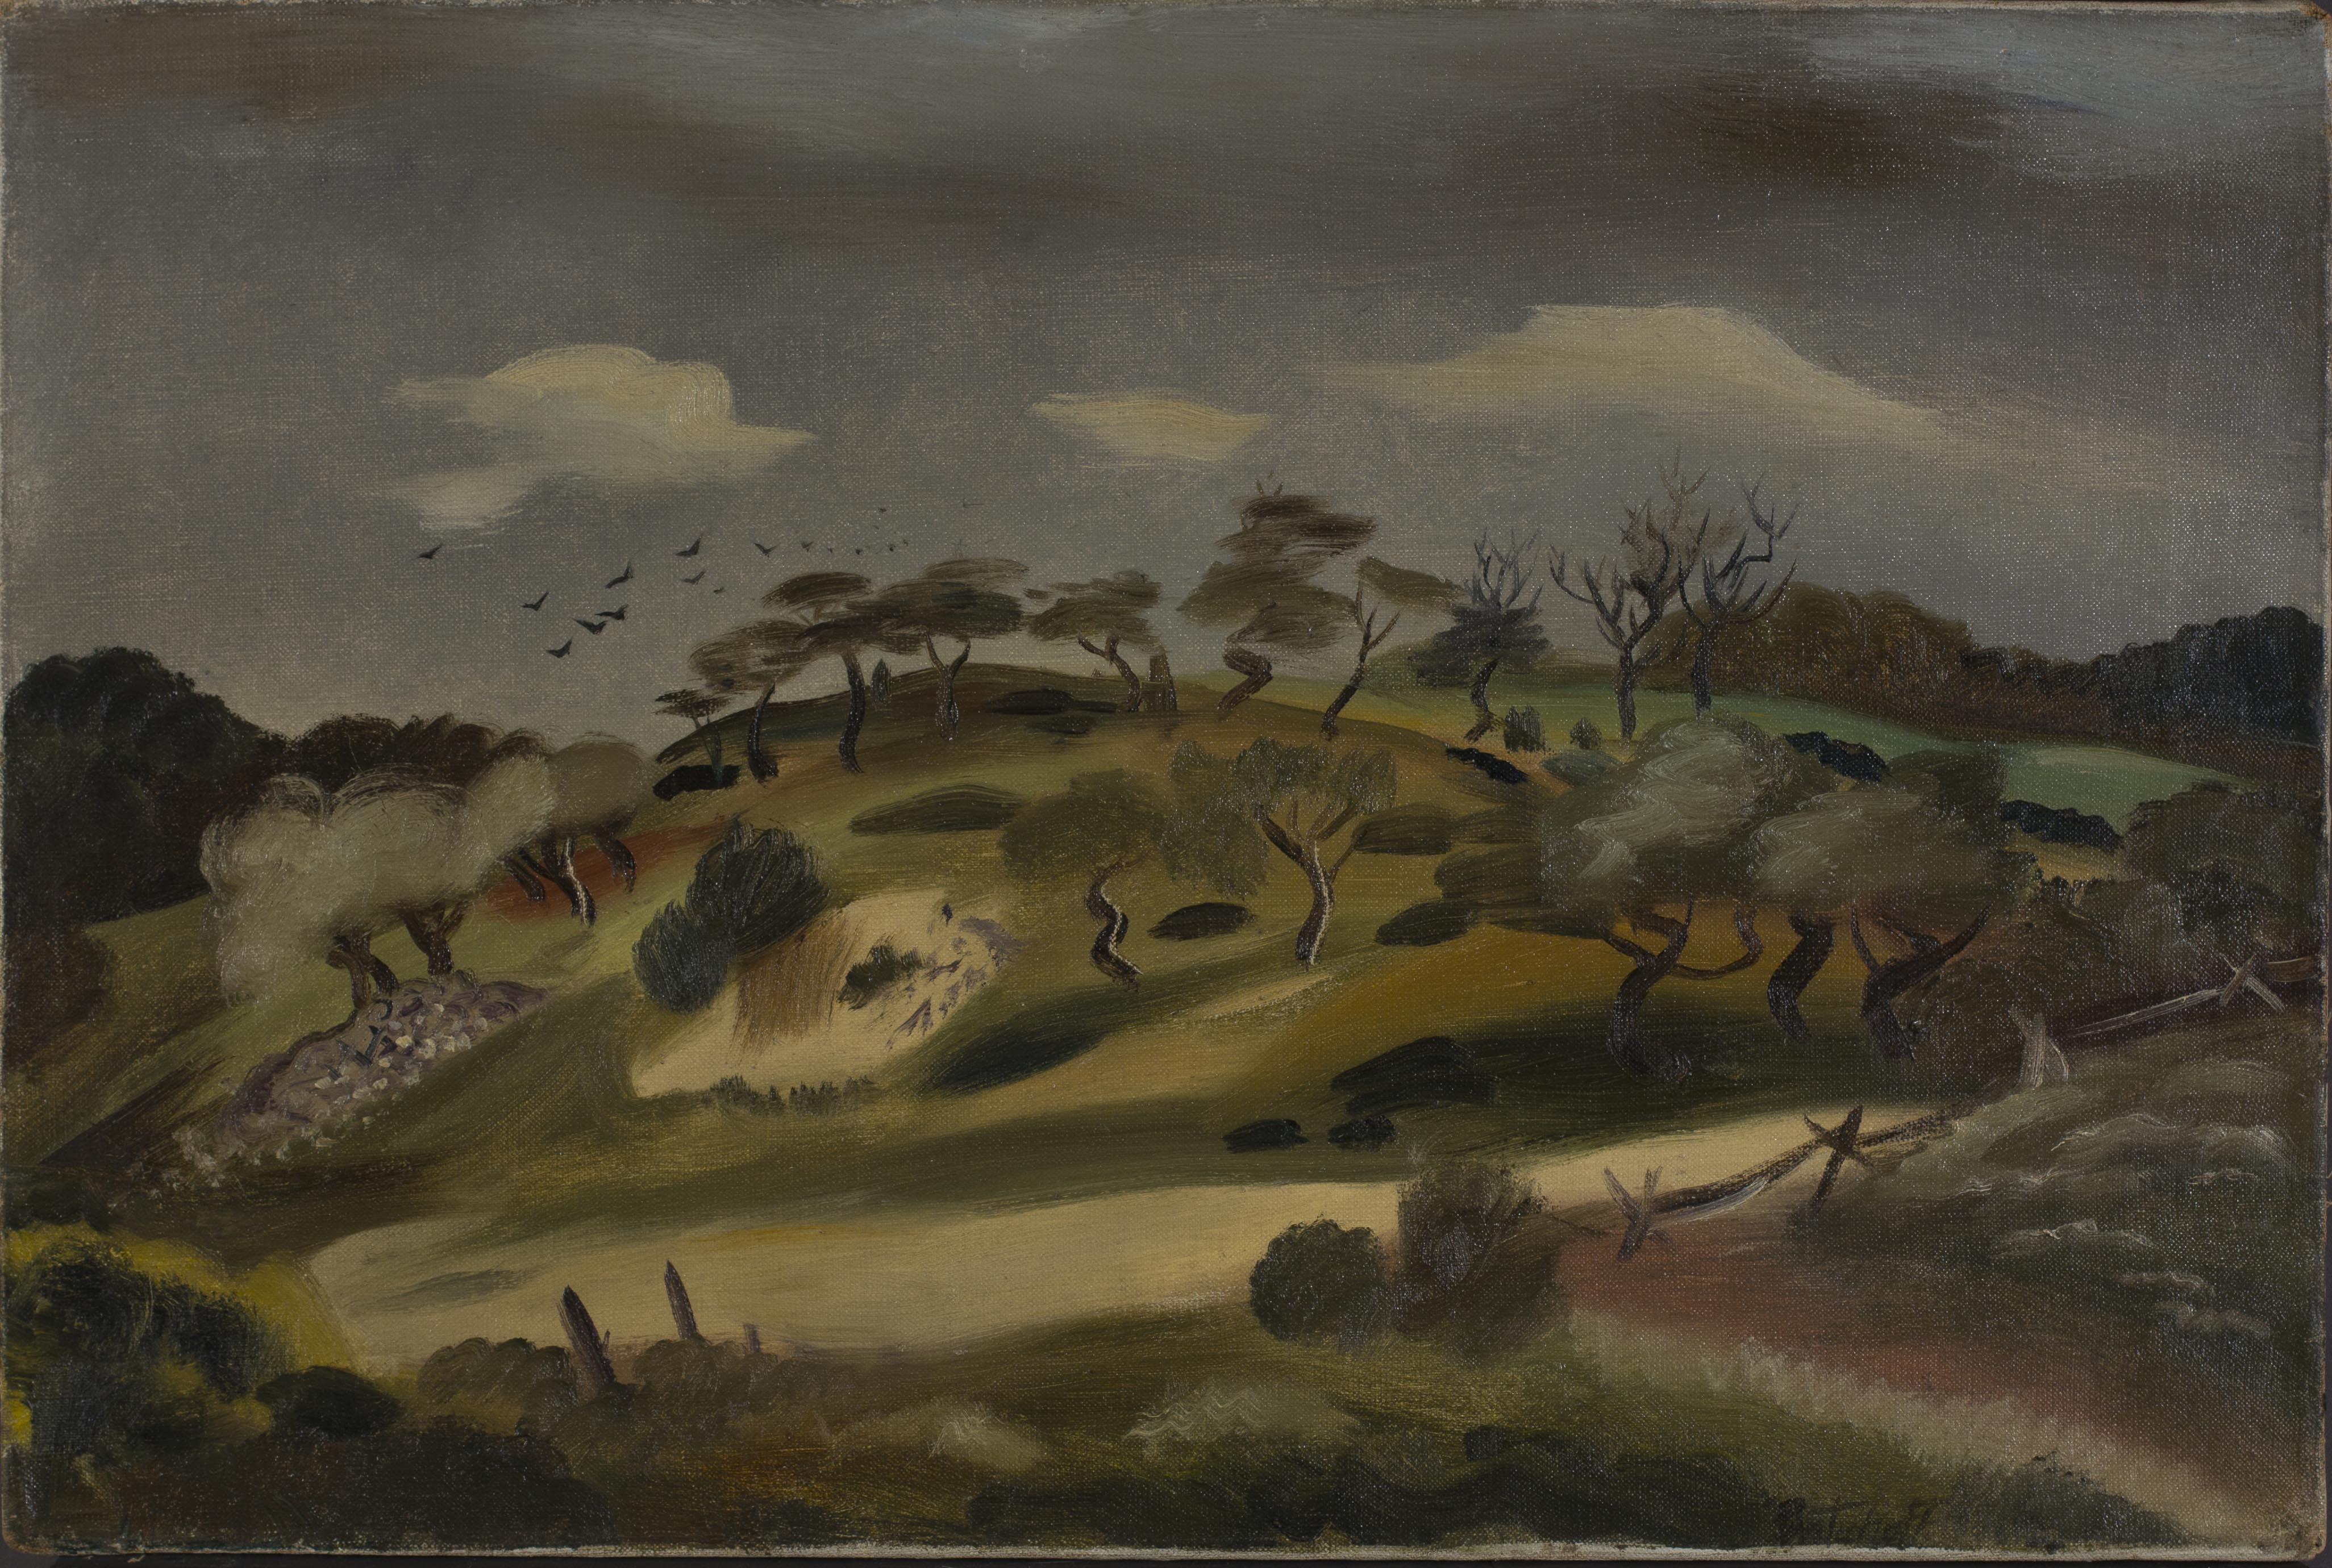 Igor Pantuhoff, Untitled (Landscape)